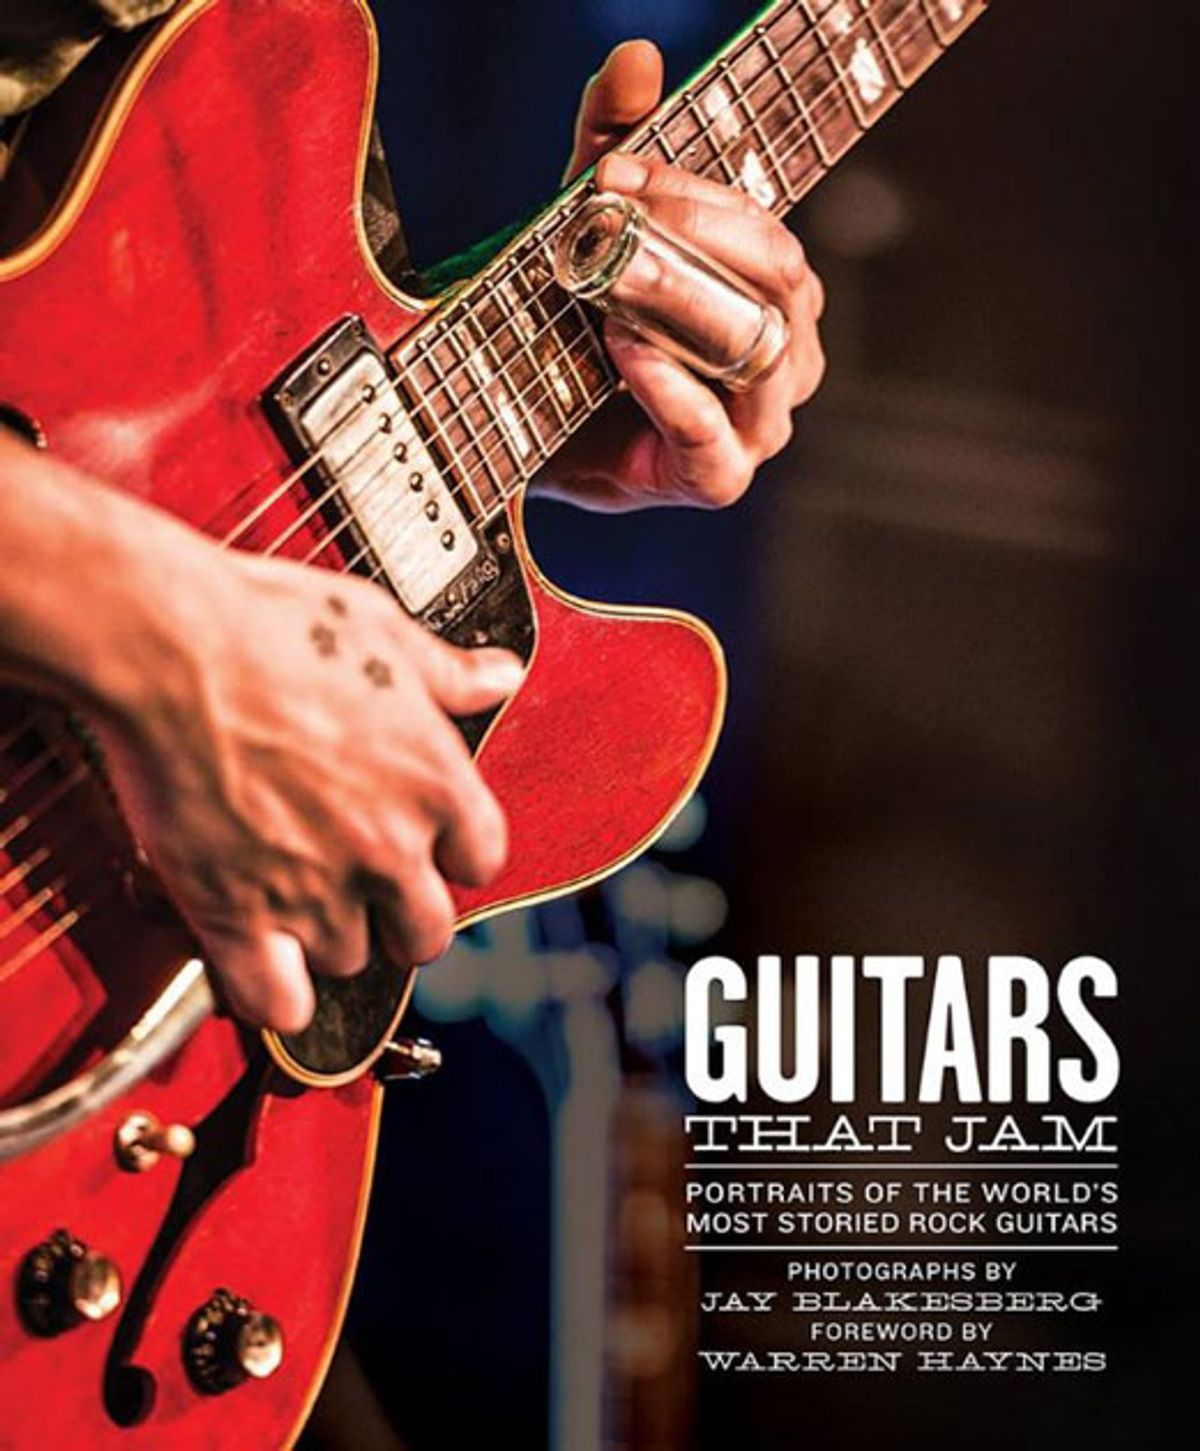 'Guitars That Jam' Book Excerpt